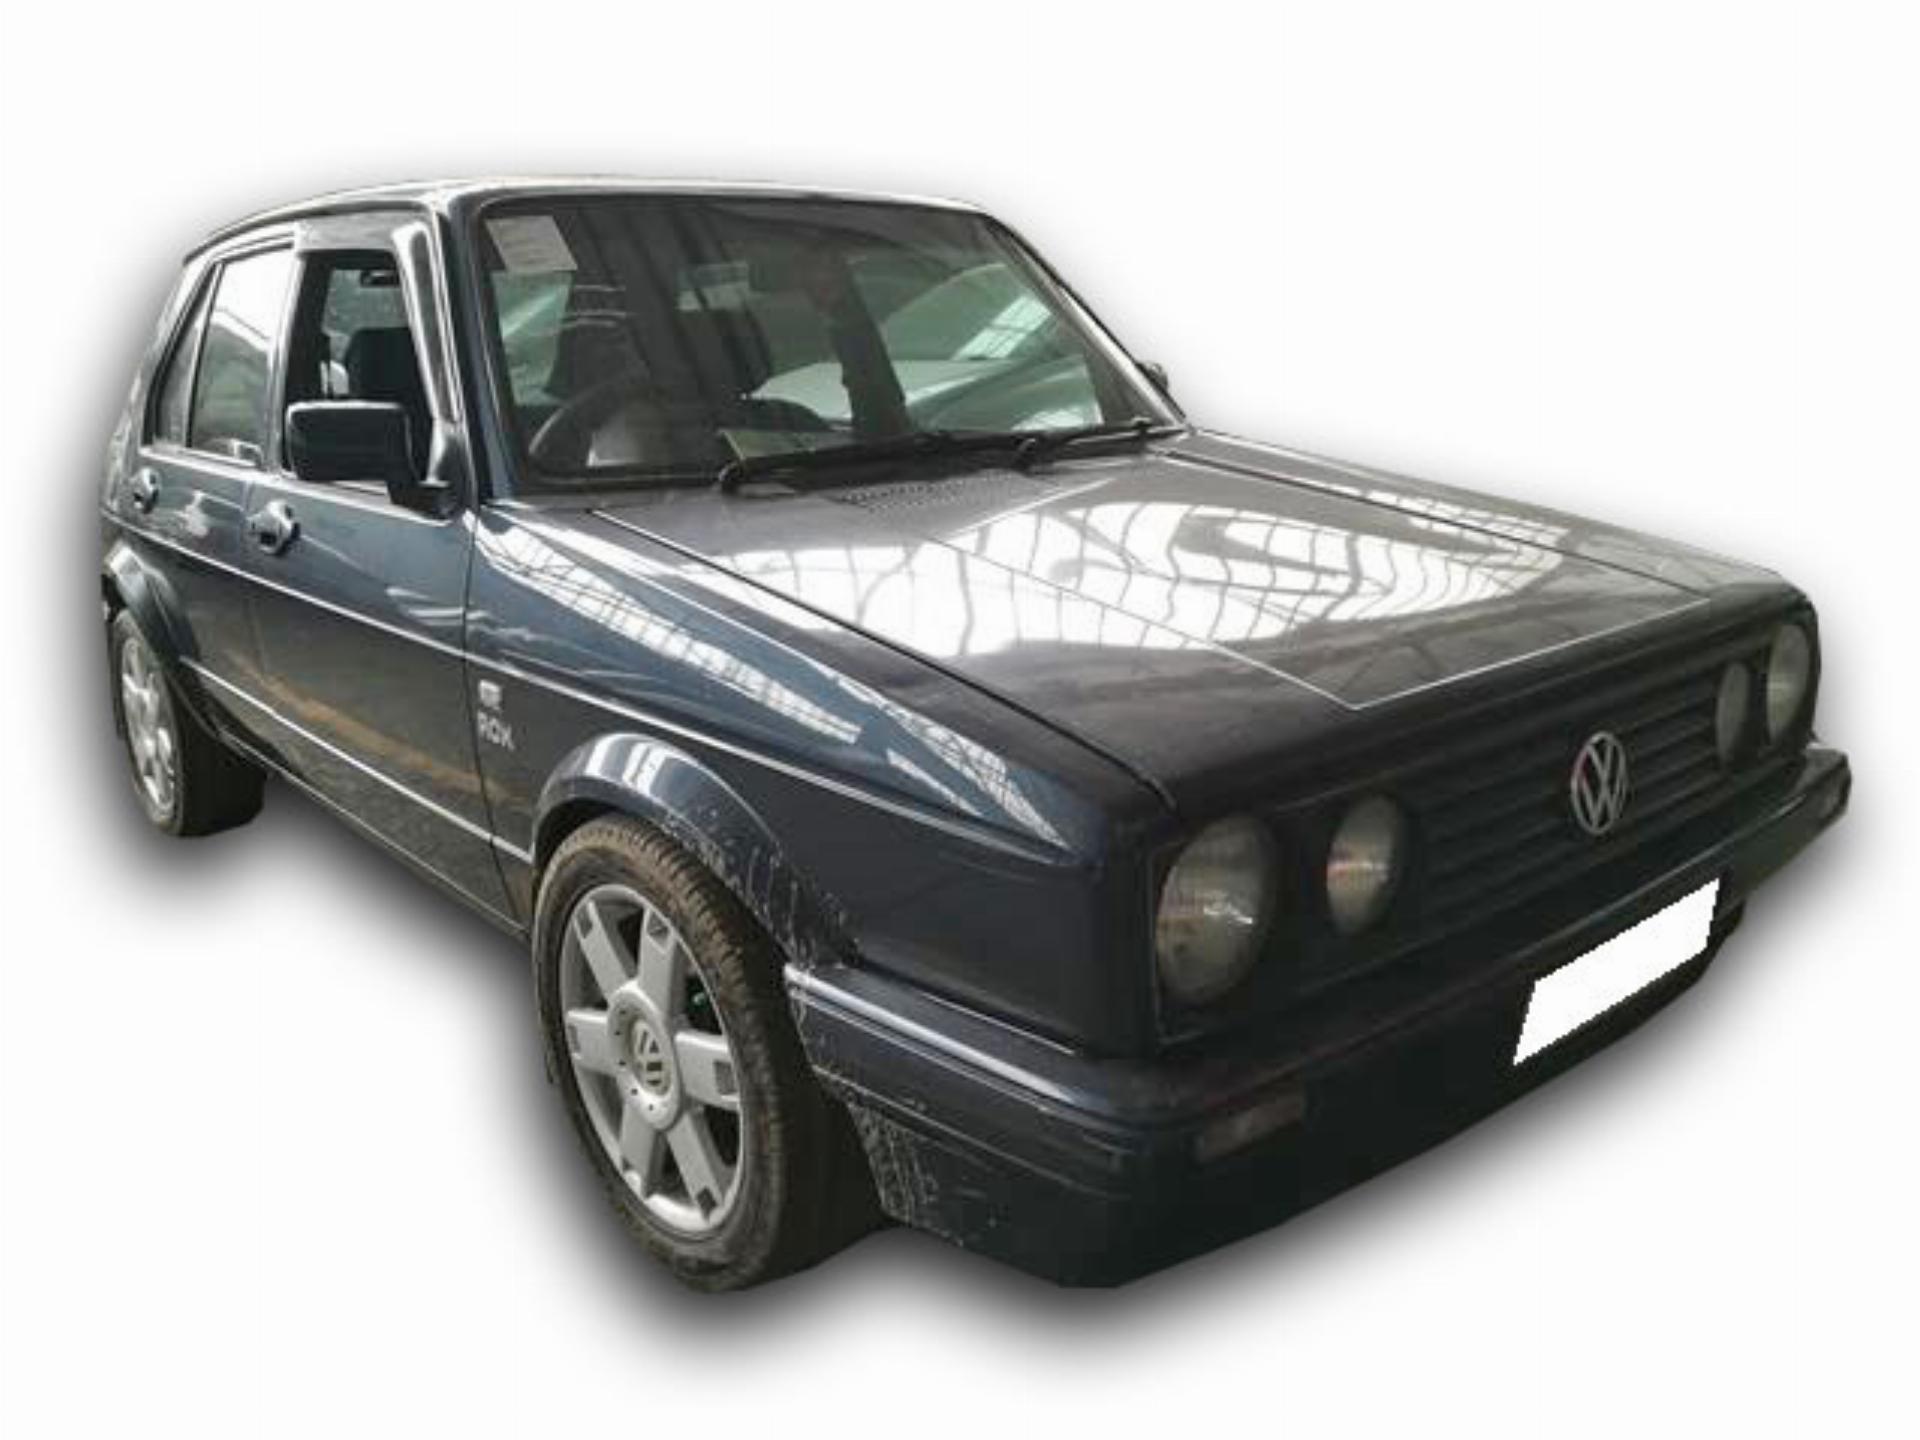 VW Citi Rox 1.4I